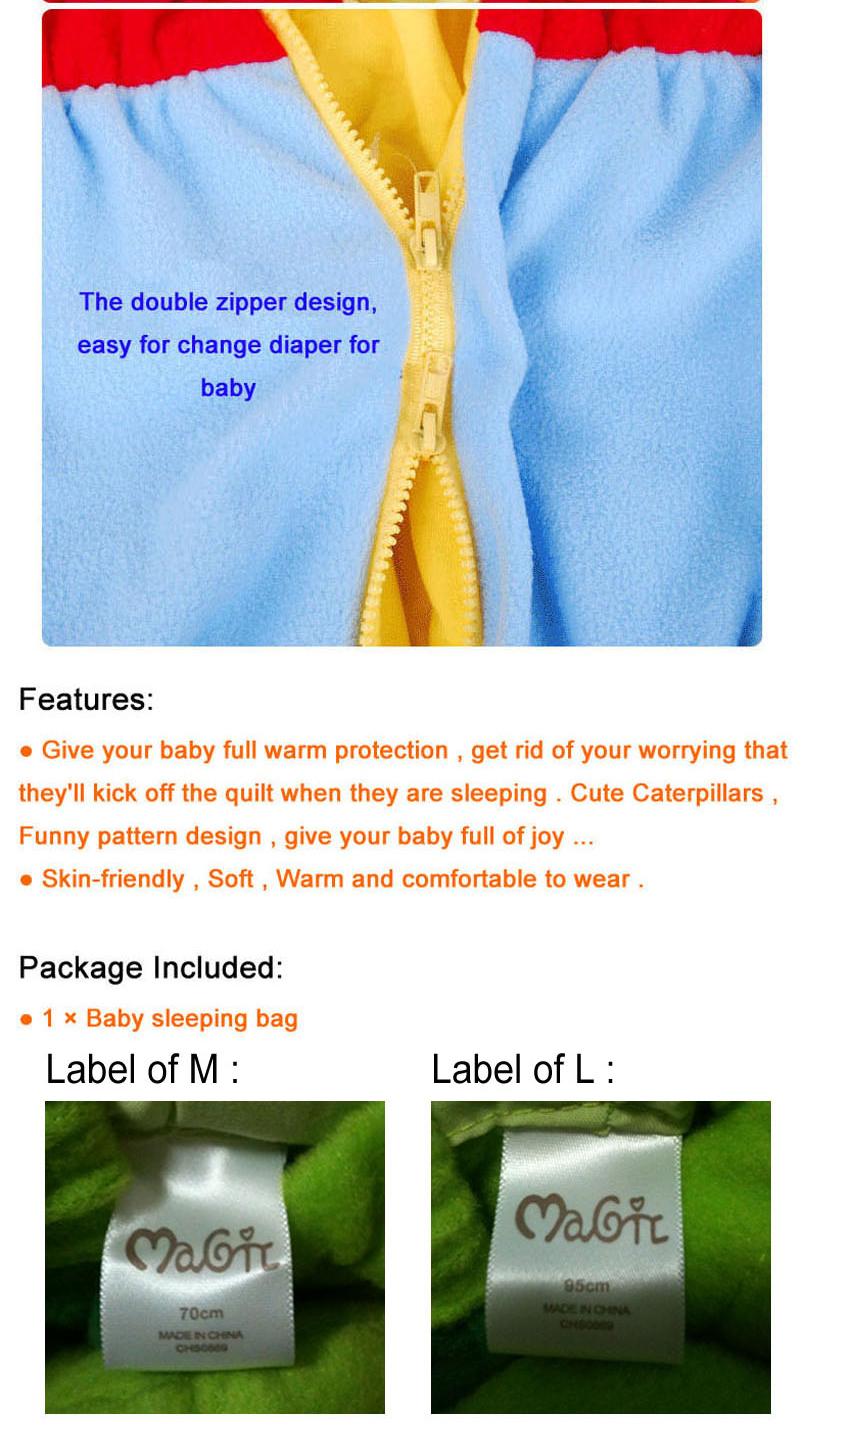 Index of /Image/product/001-10babysleepingbag/001-10-3 ...